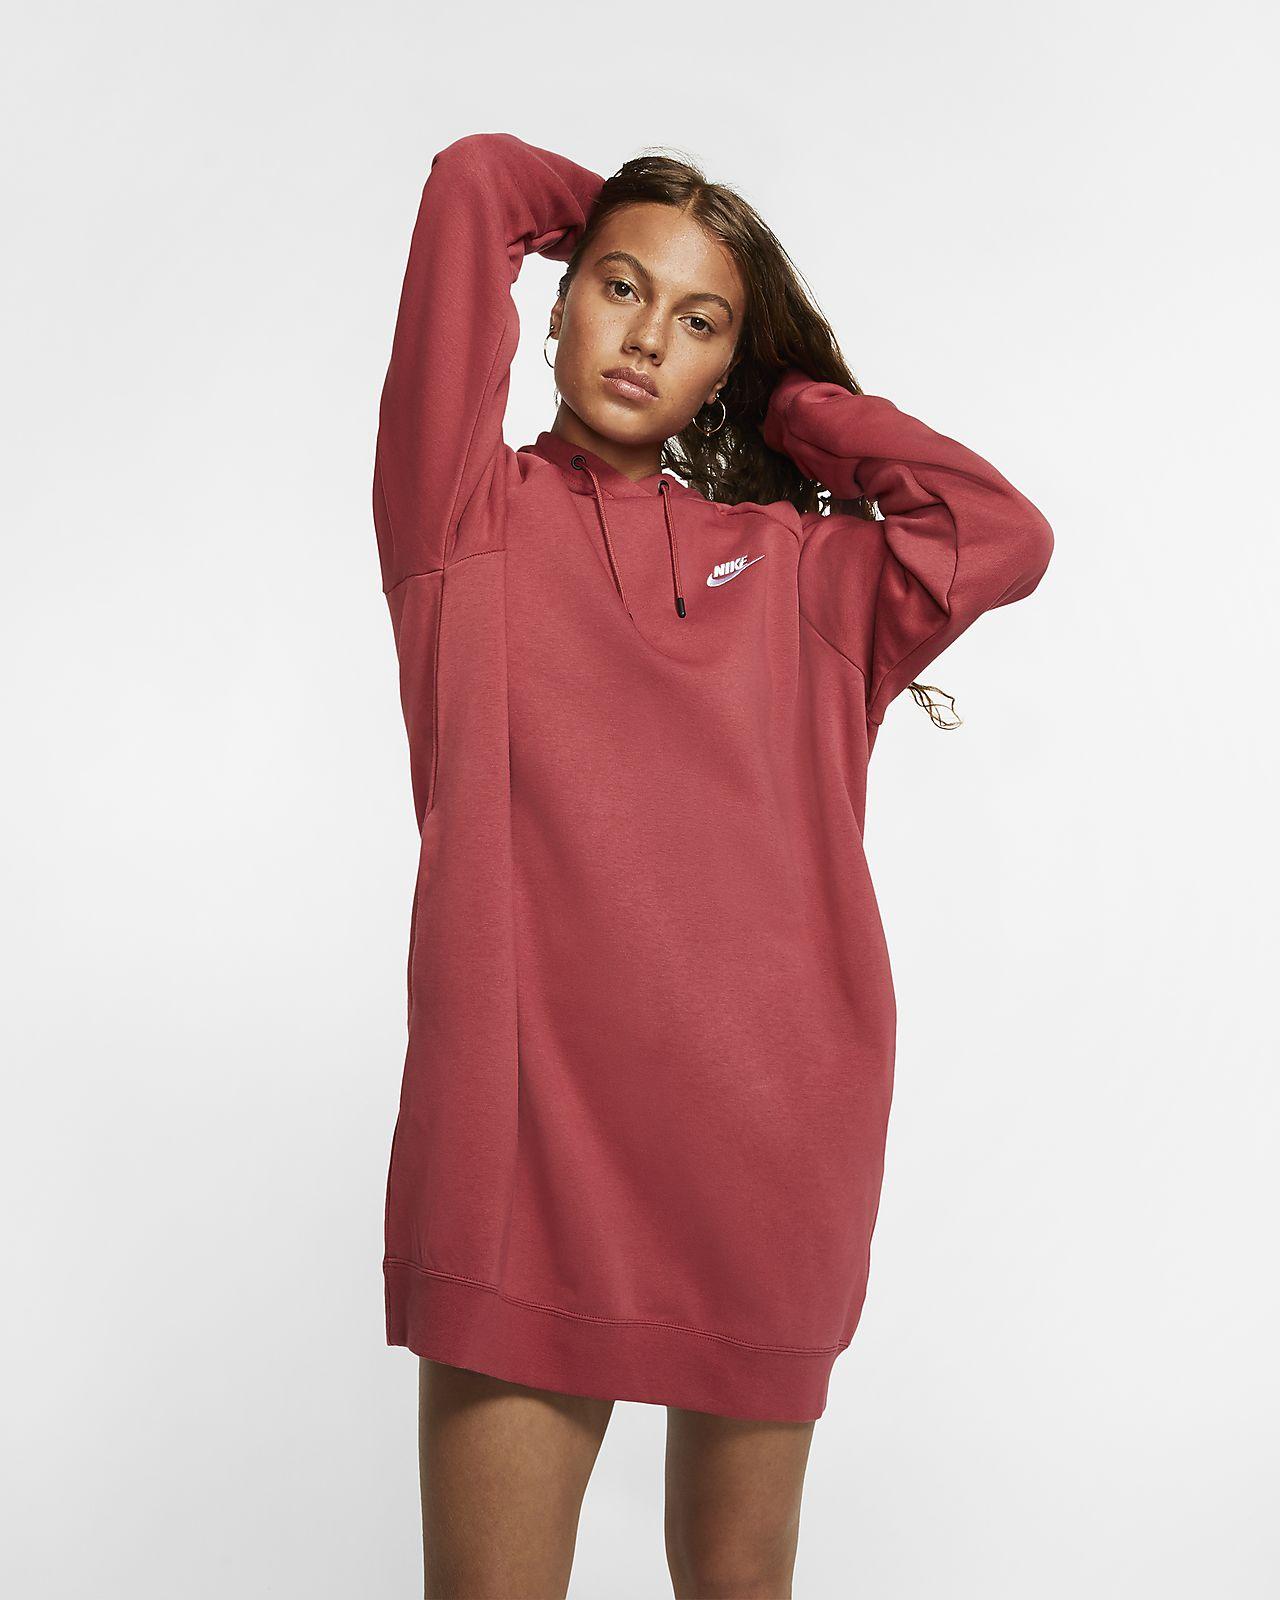 Nike Sportswear Essential Women's Fleece Dress